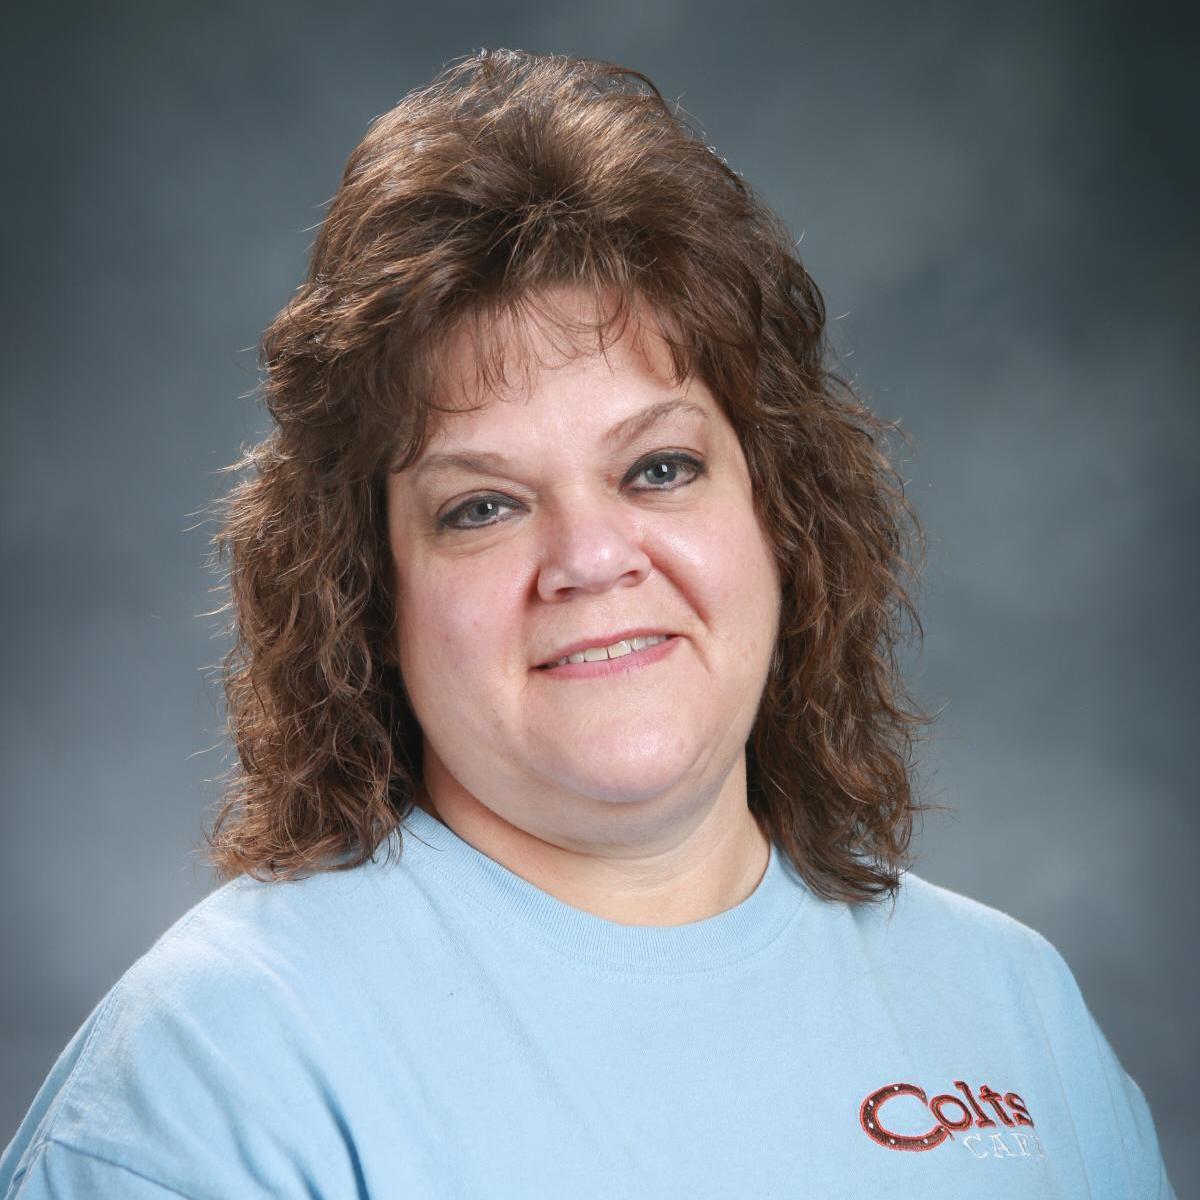 Julie Elkin's Profile Photo